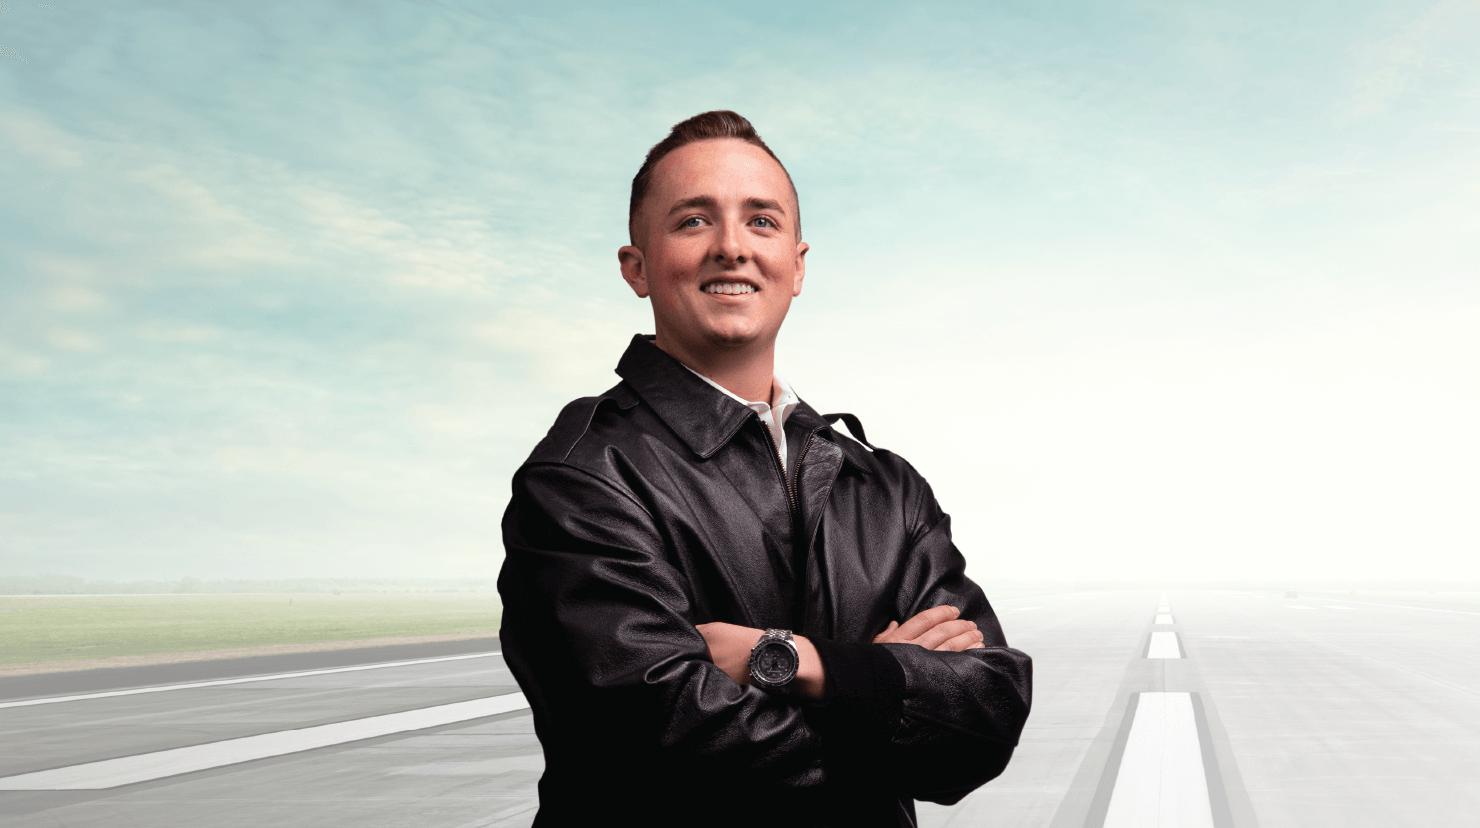 Keith Loria Pilot